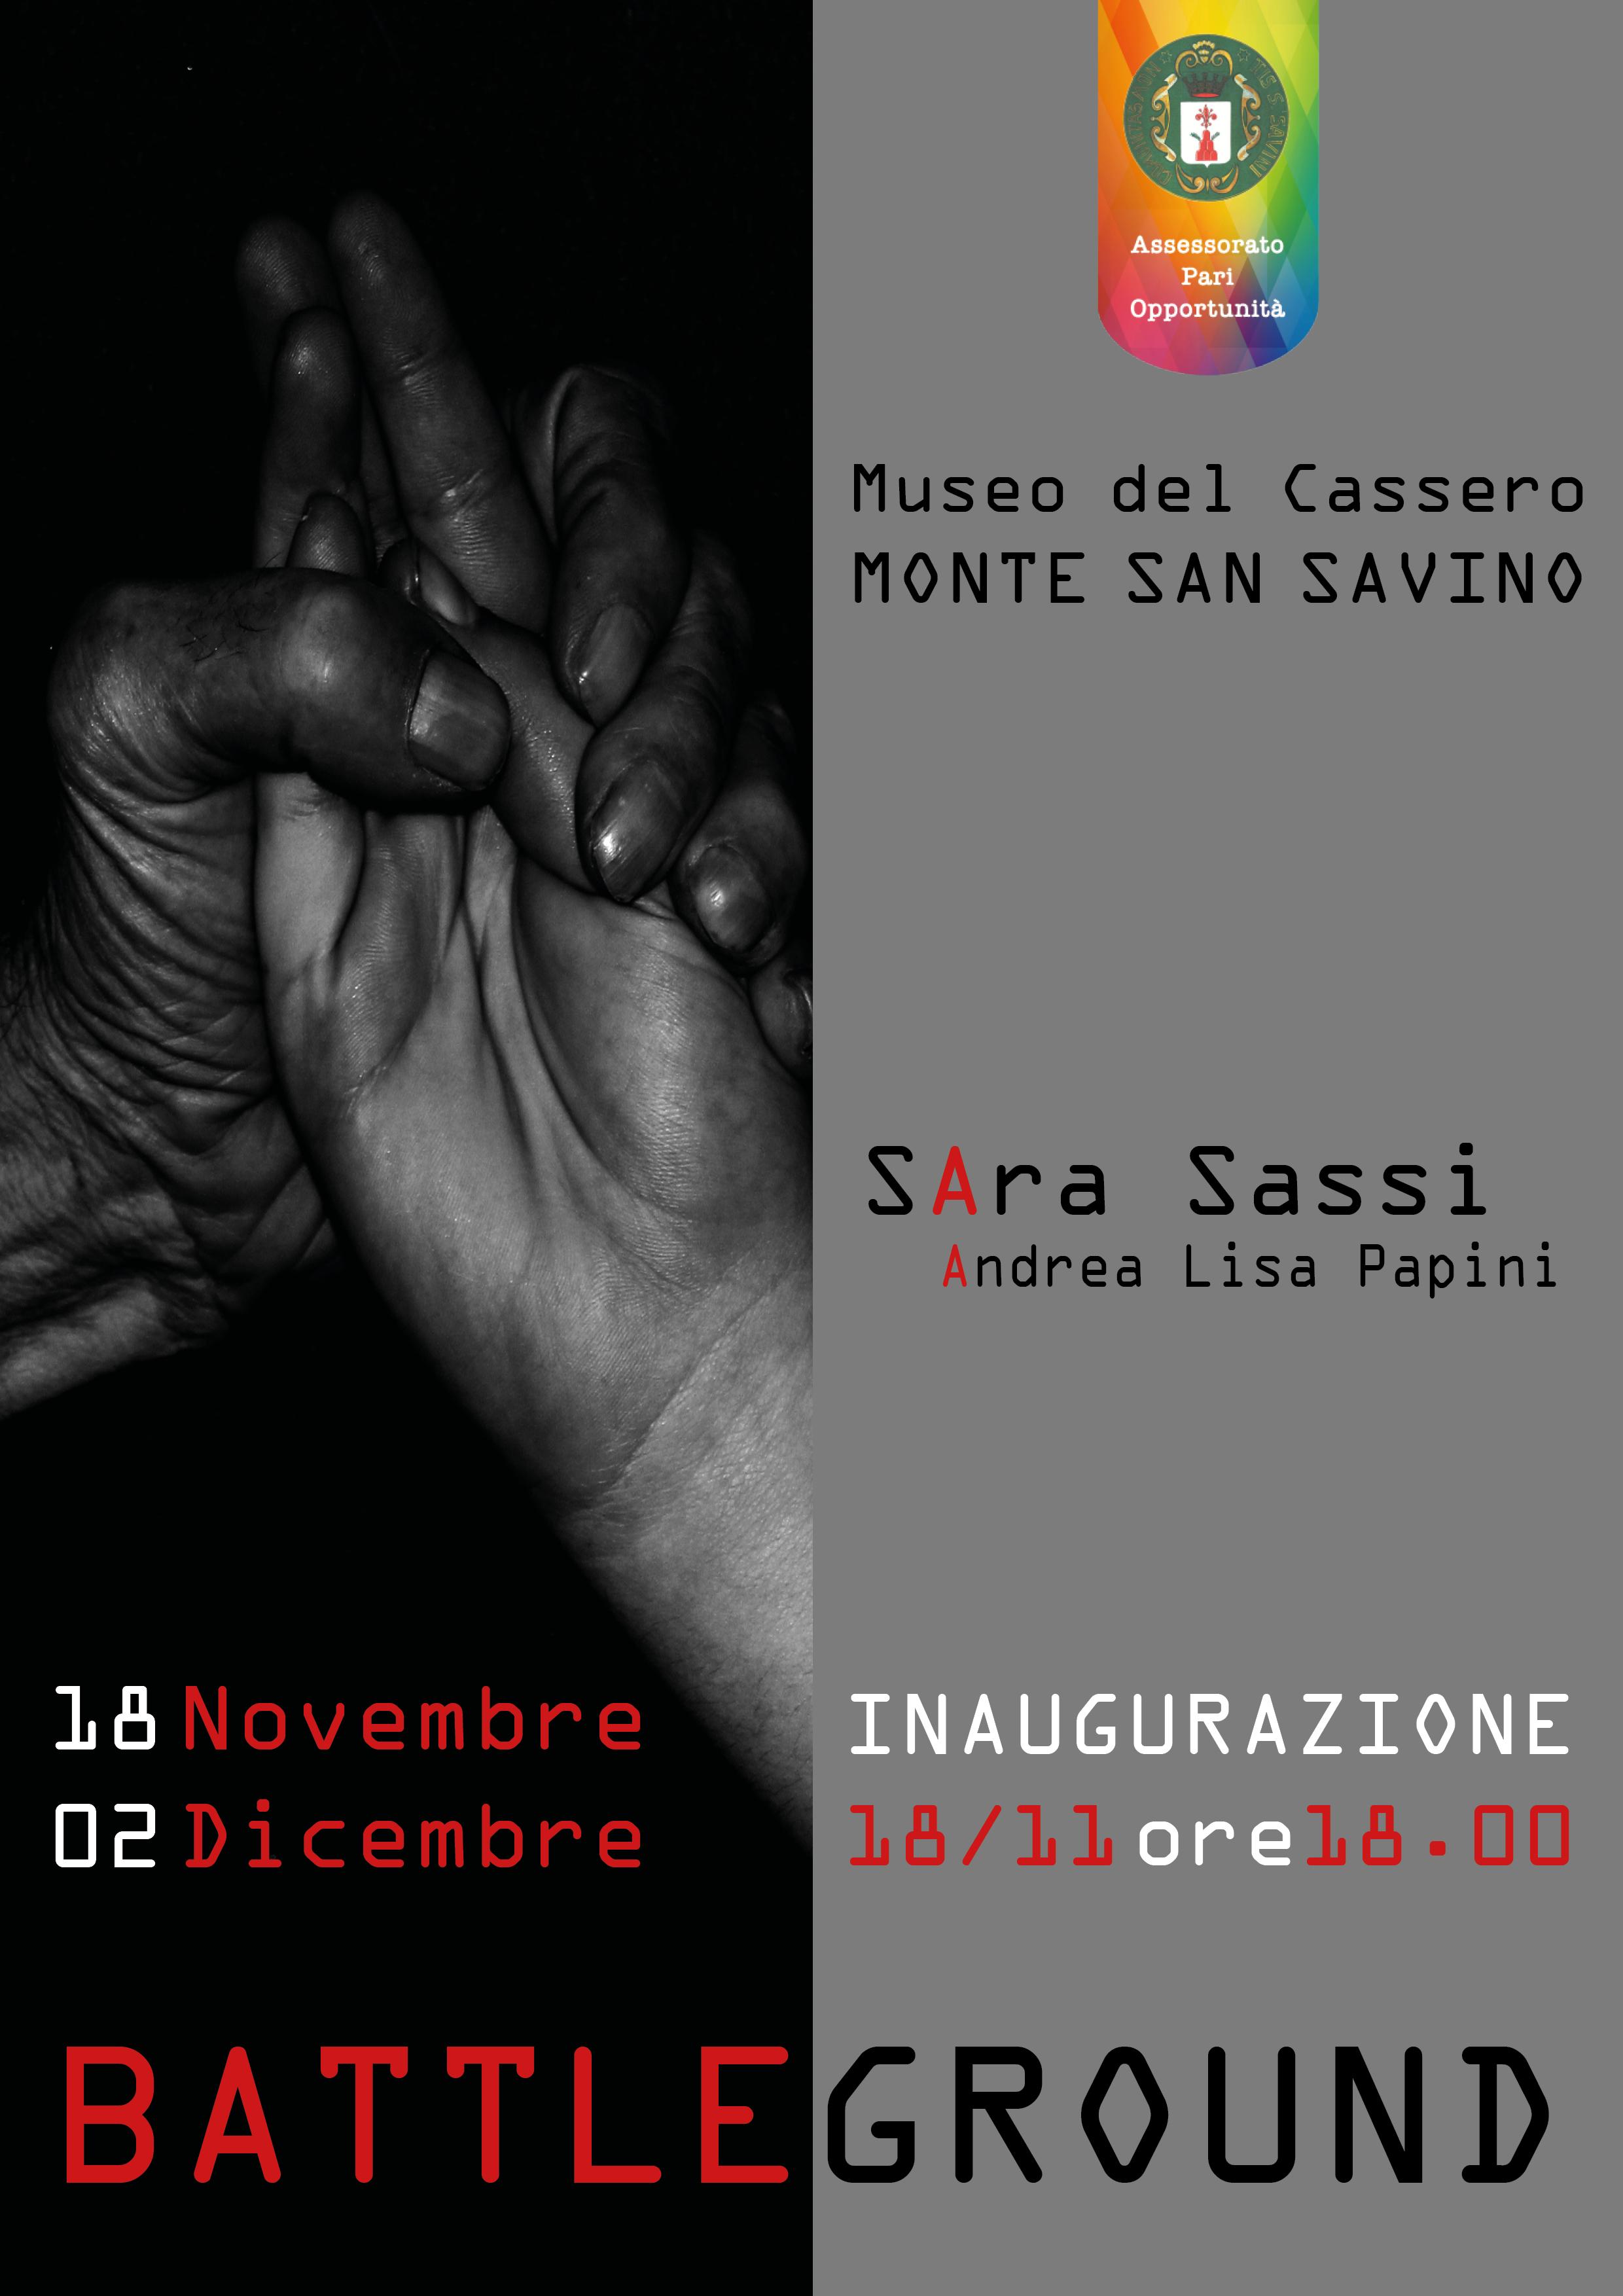 Battleground: il dramma della violenza di genere raccontato in una mostra a Monte San Savino